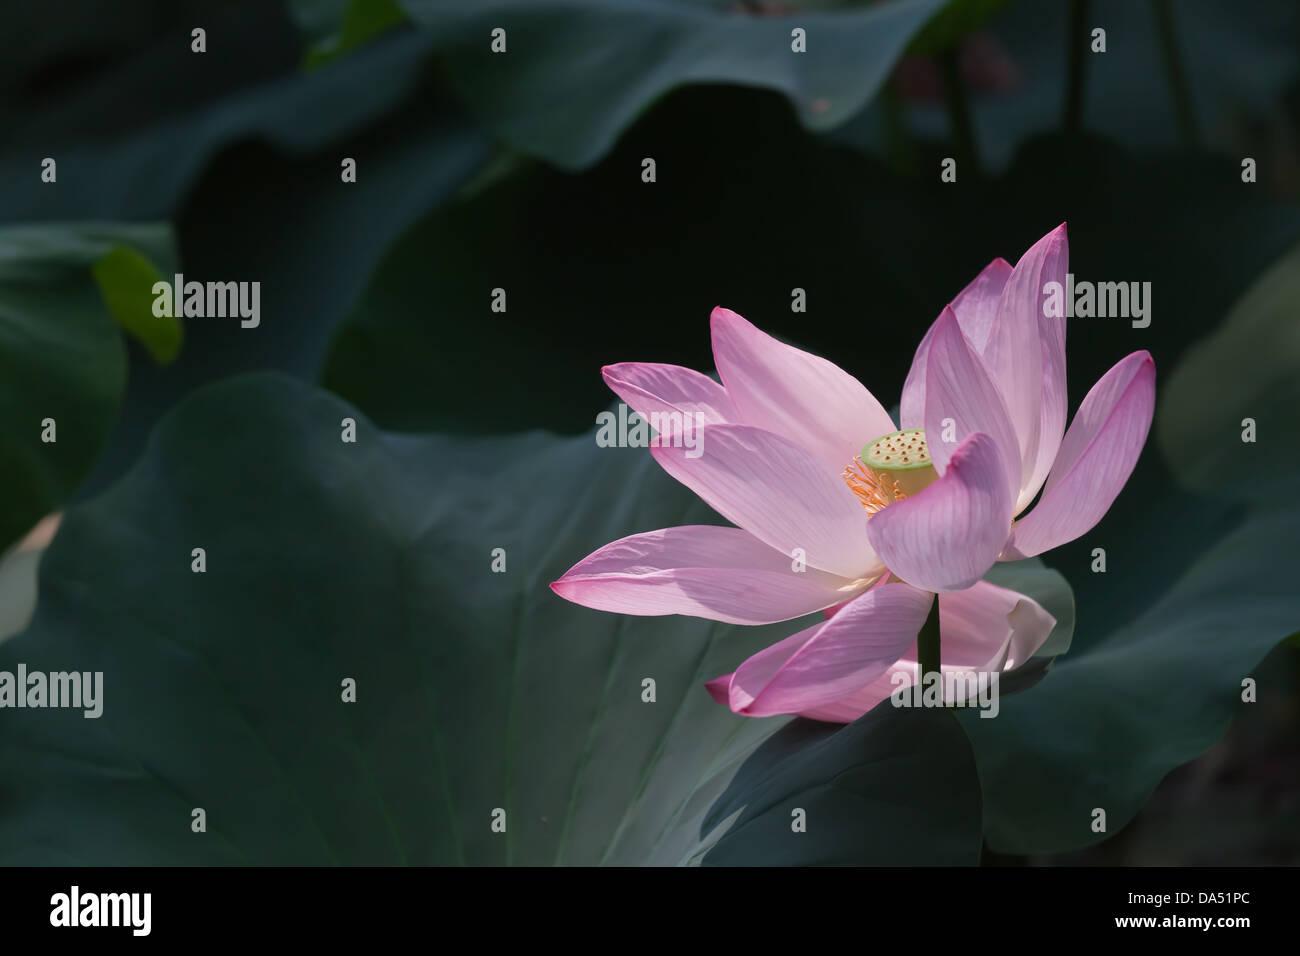 Lotus Flower Information Stock Photos Lotus Flower Information